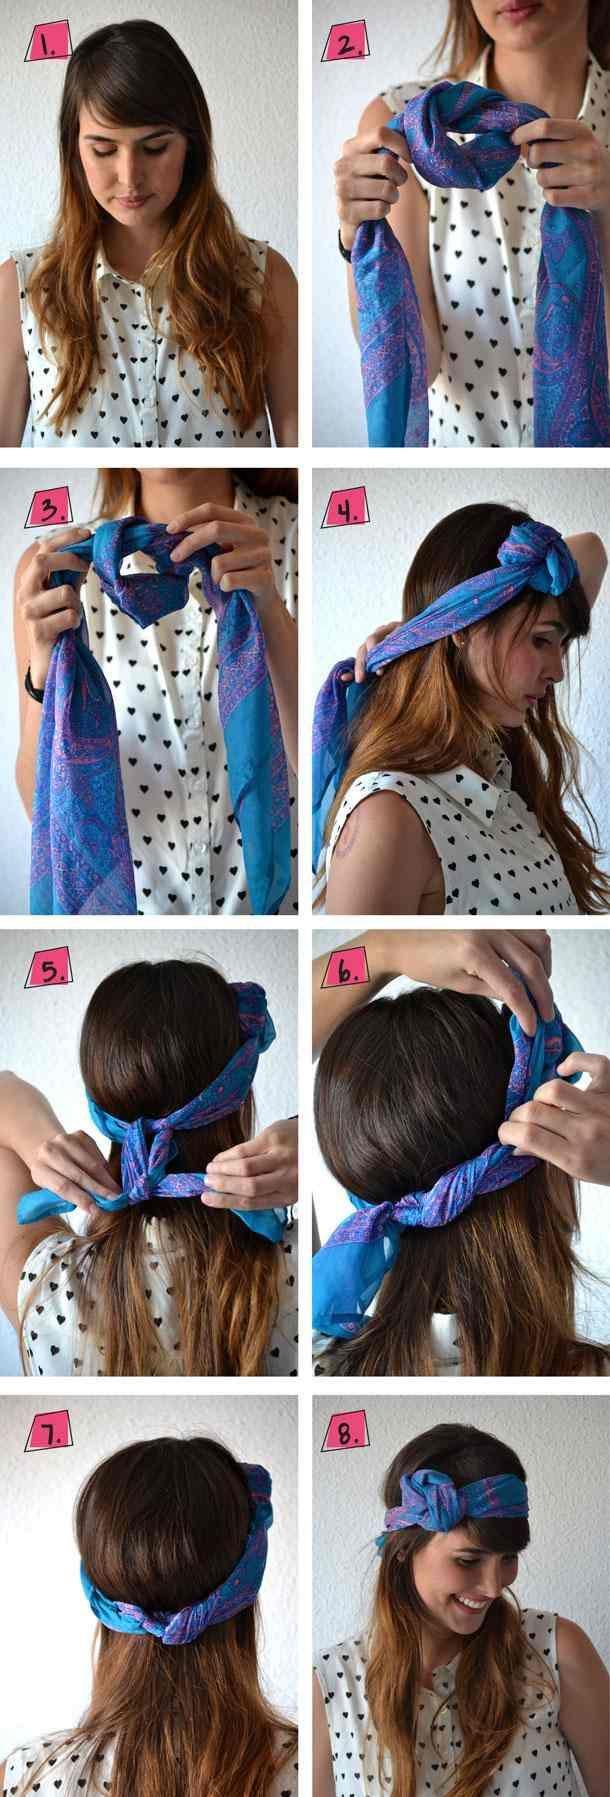 Tolle Idee mit dem Tuch und der Frisur!